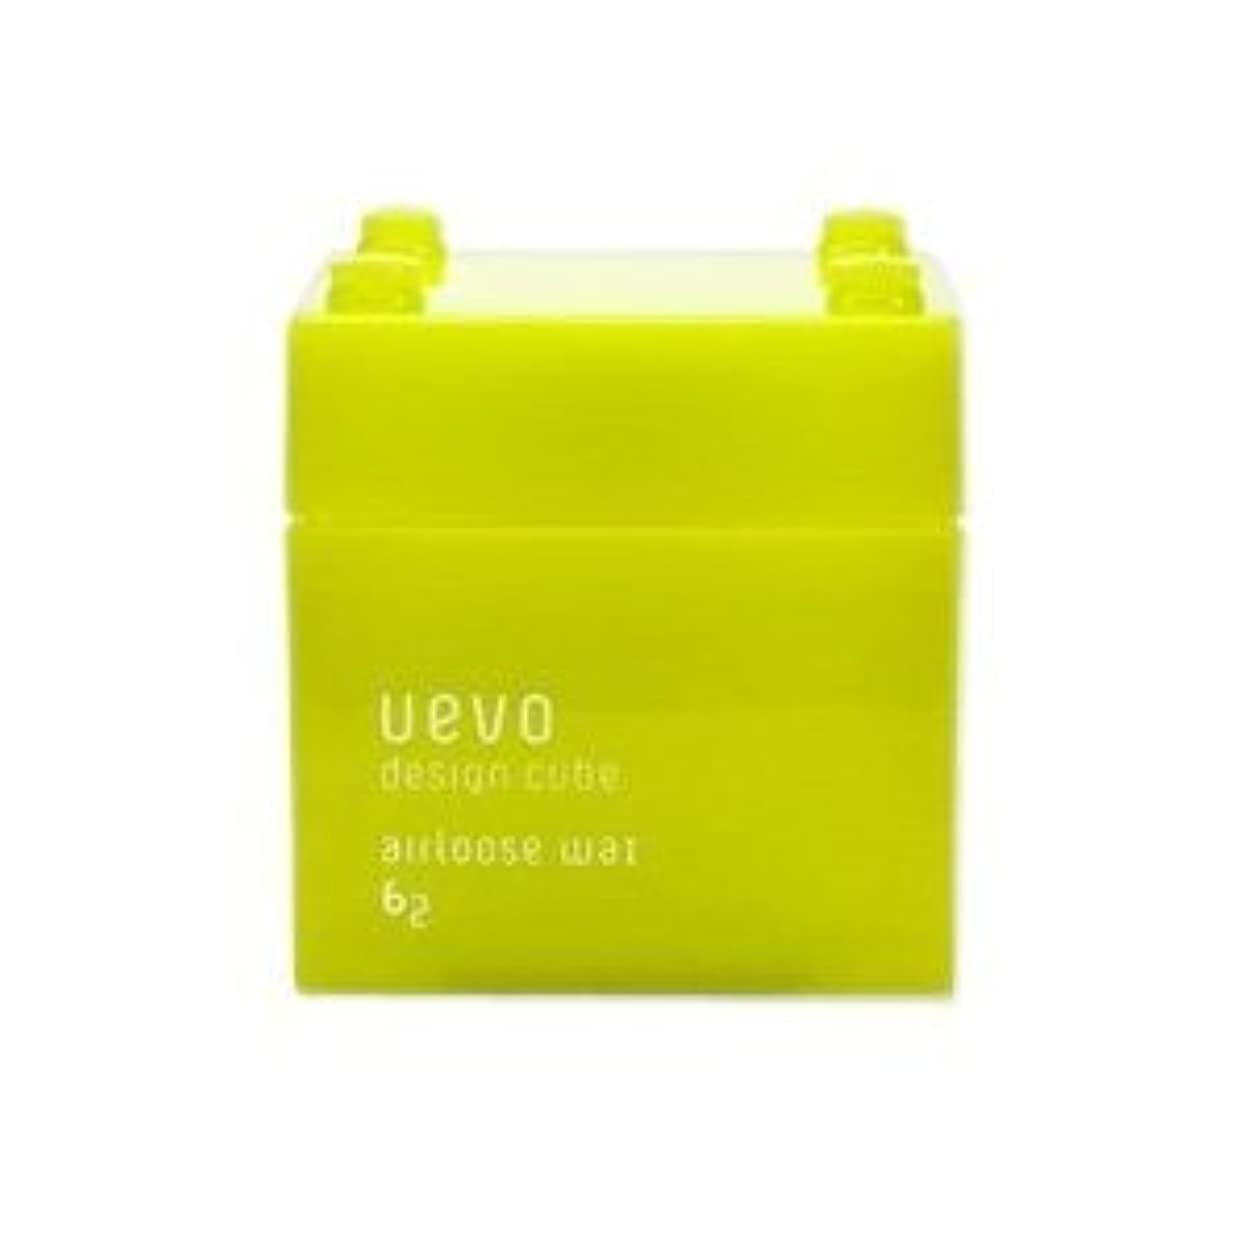 扱う衝動疑い【X2個セット】 デミ ウェーボ デザインキューブ エアルーズワックス 80g airloose wax DEMI uevo design cube